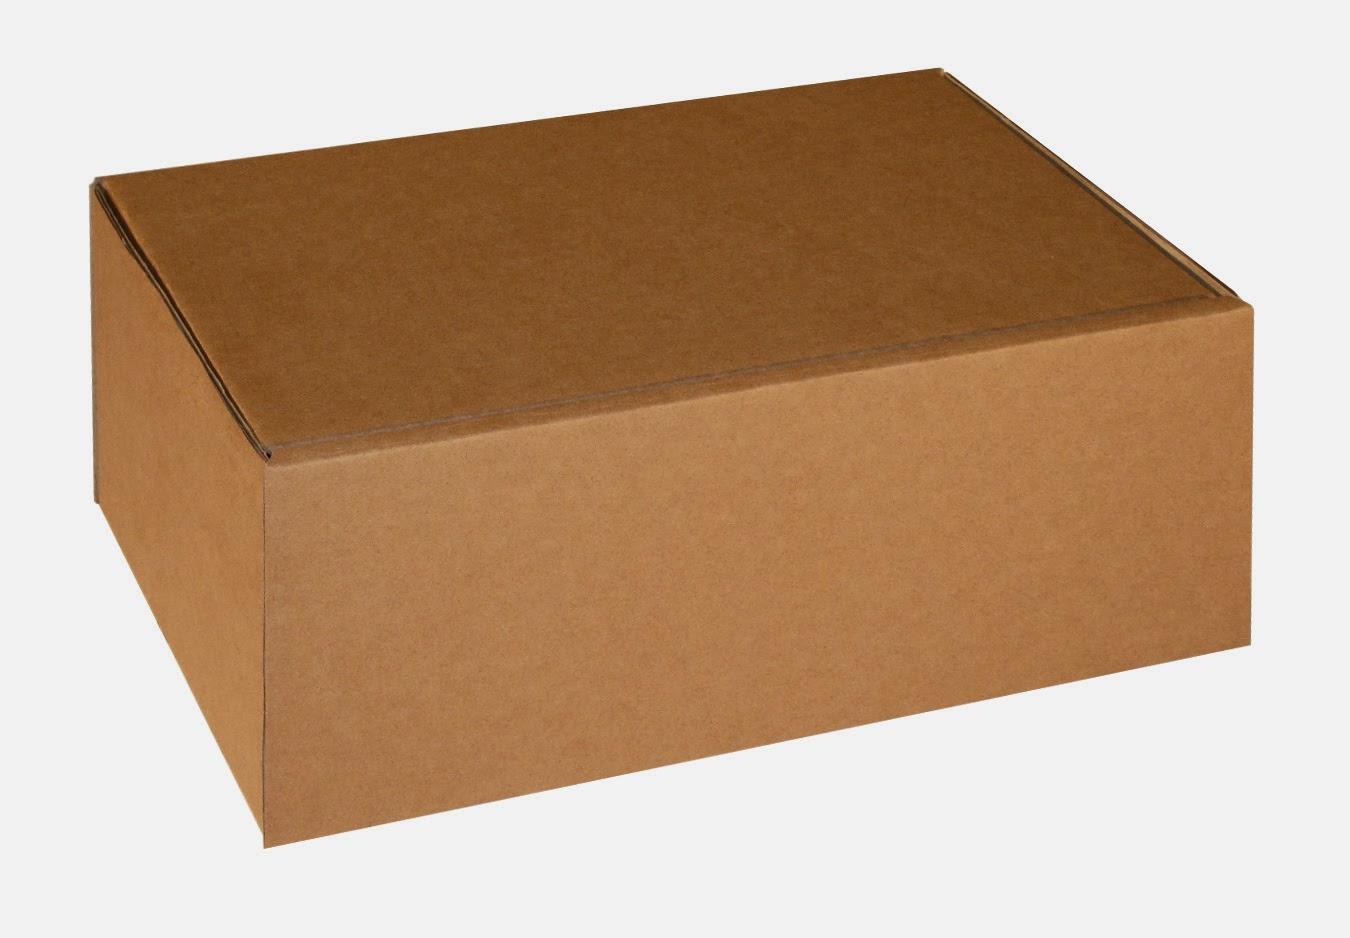 Il mondo di anto semprepronte nuova novita for Foderare una scatola